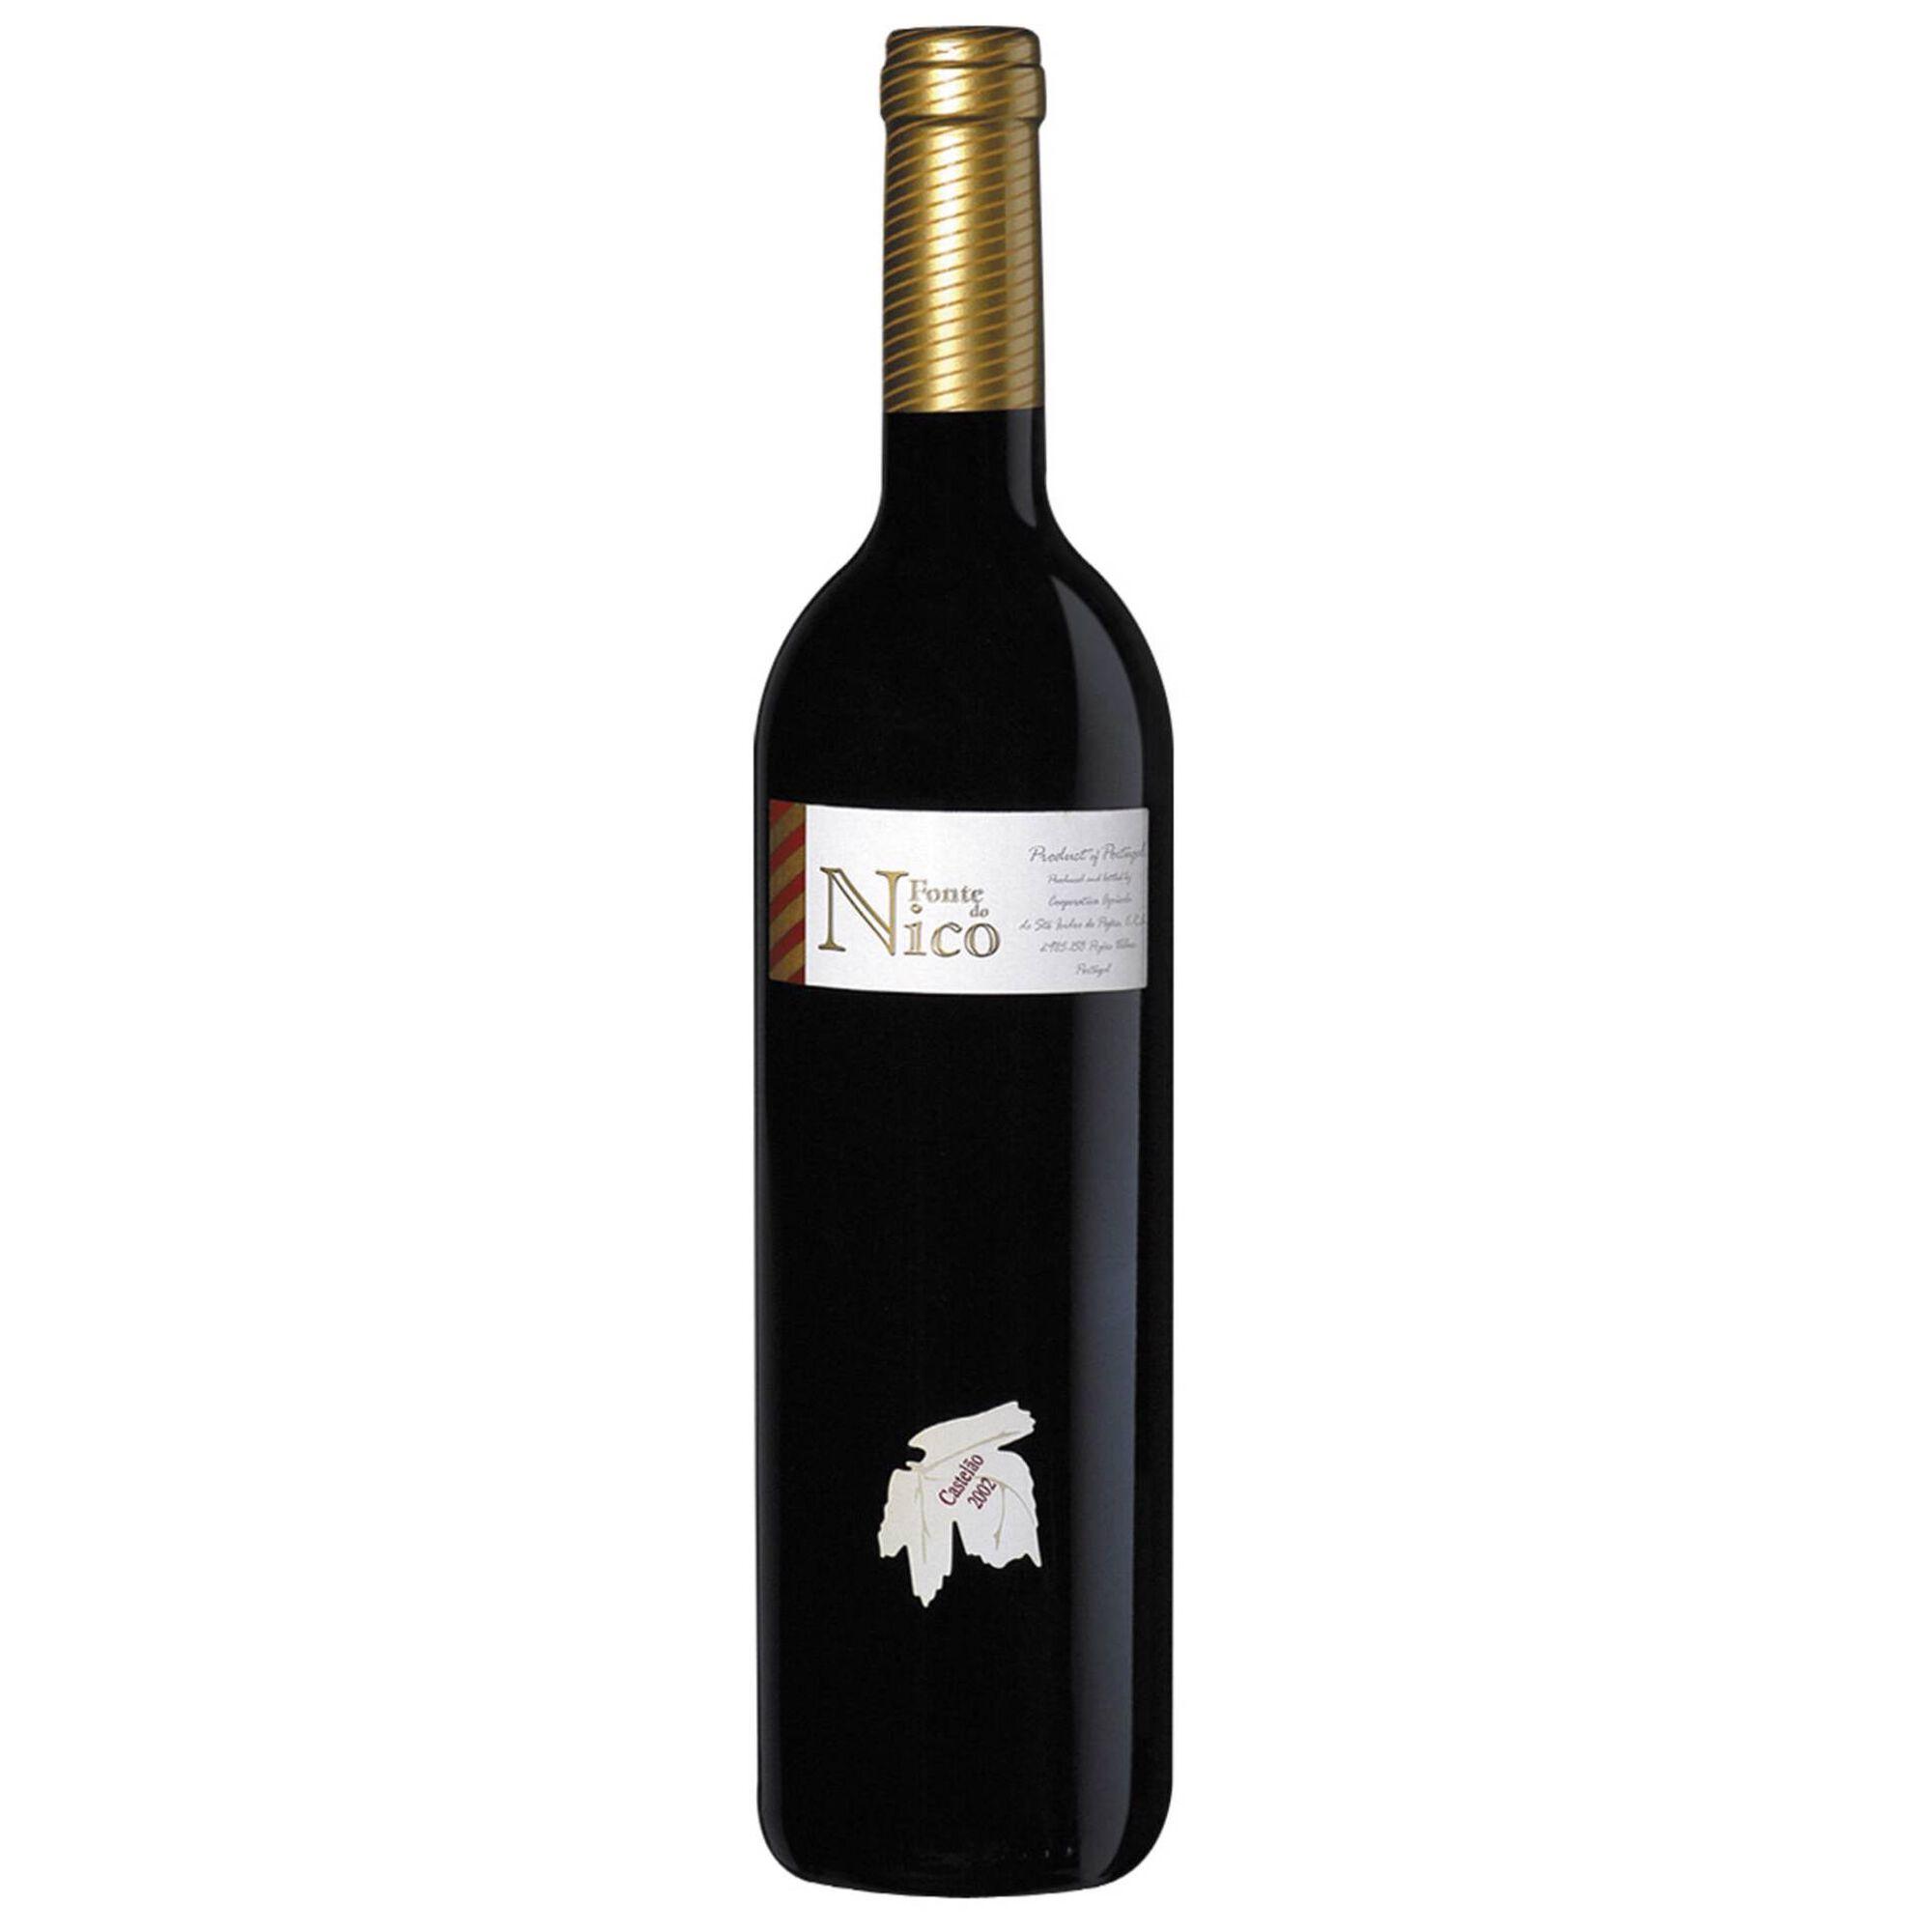 Fonte do Nico Regional Península de Setúbal Vinho Tinto